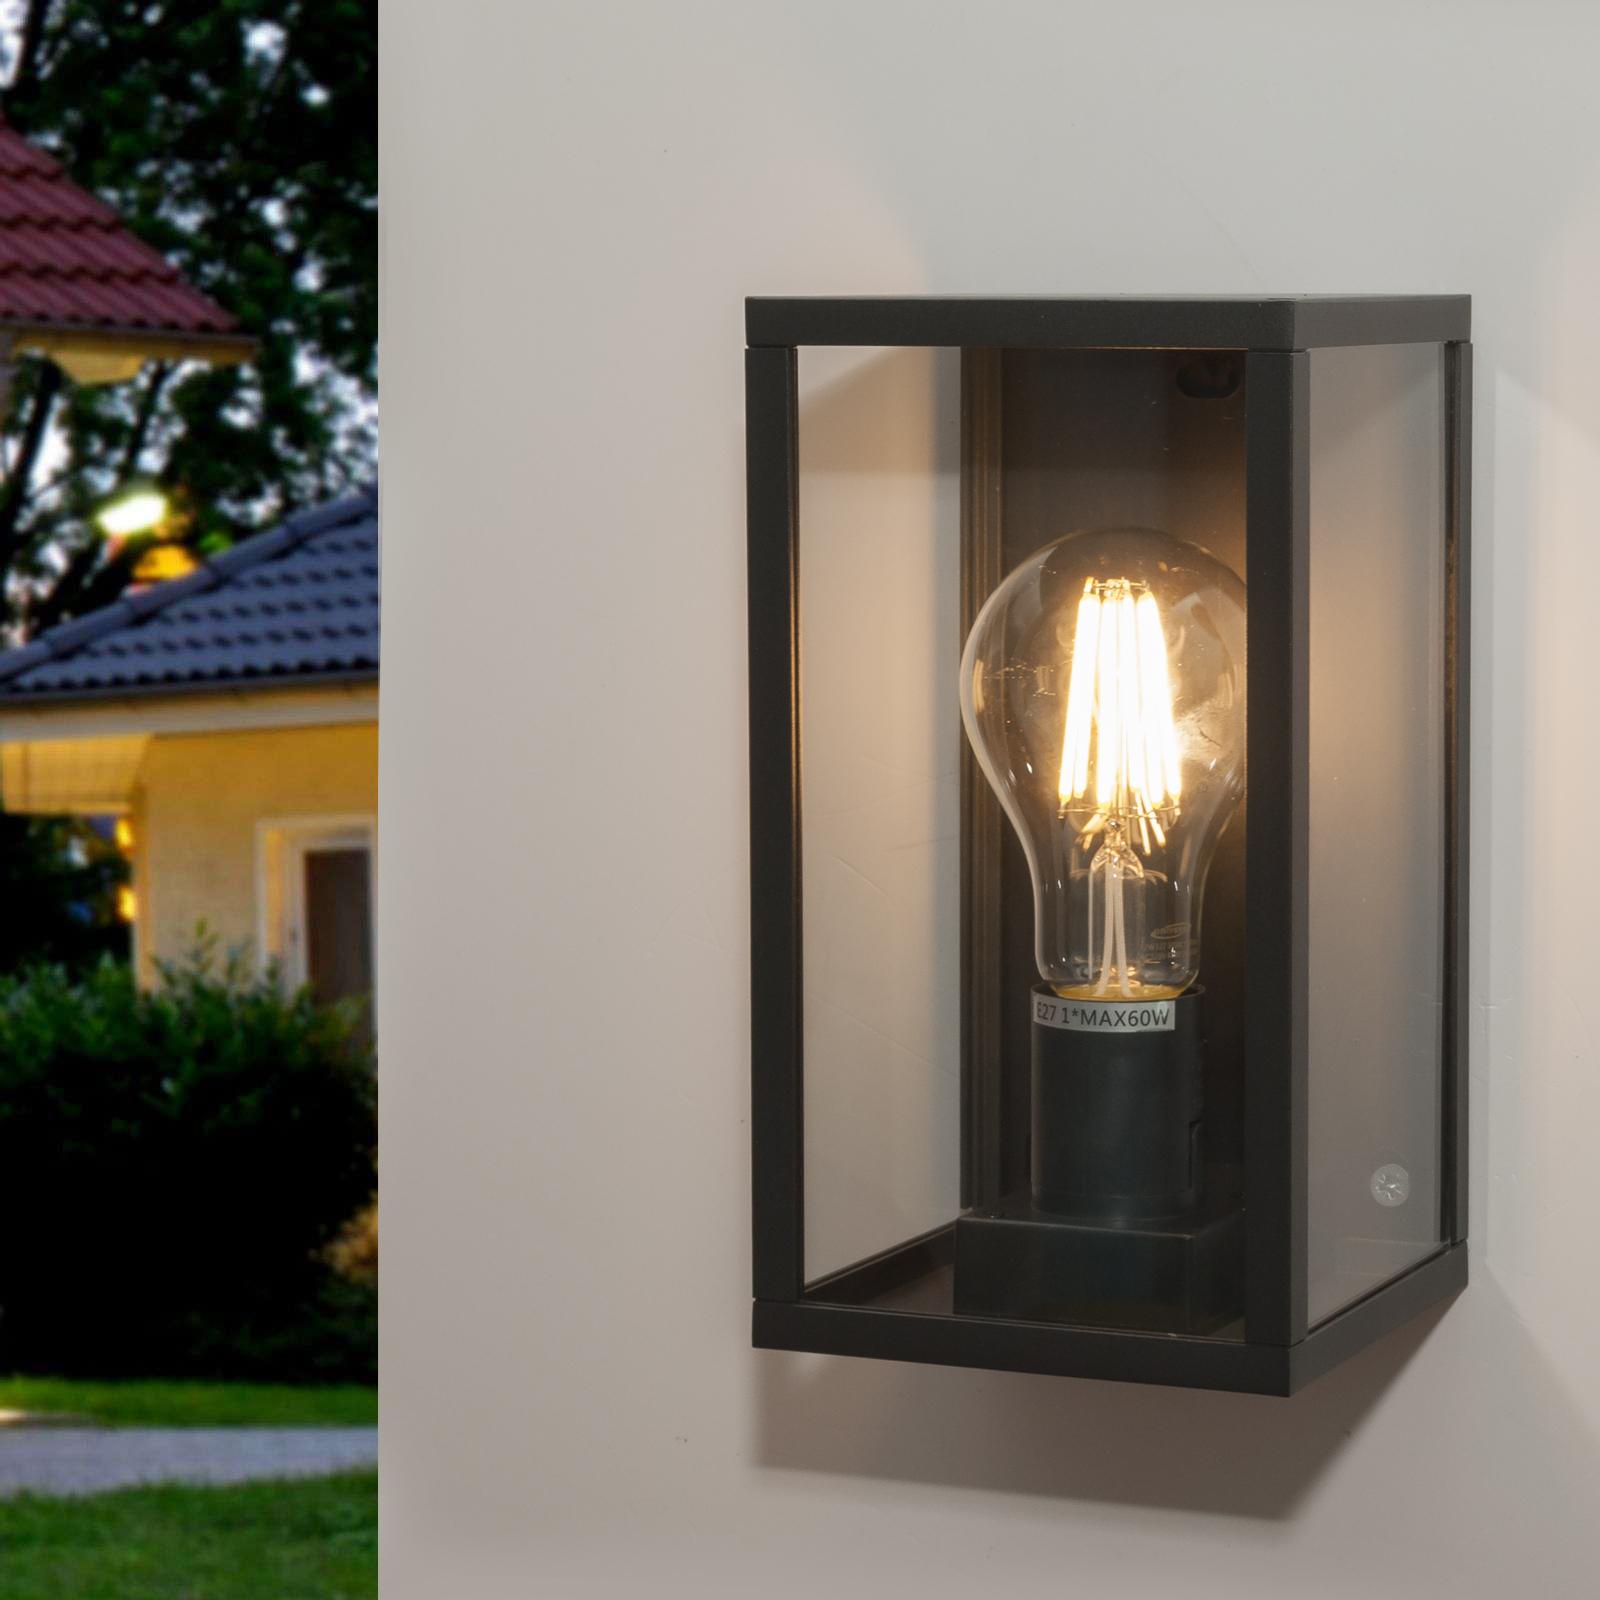 Lampade Per Porticati Esterni applique lampade led da esterno a parete - - applique